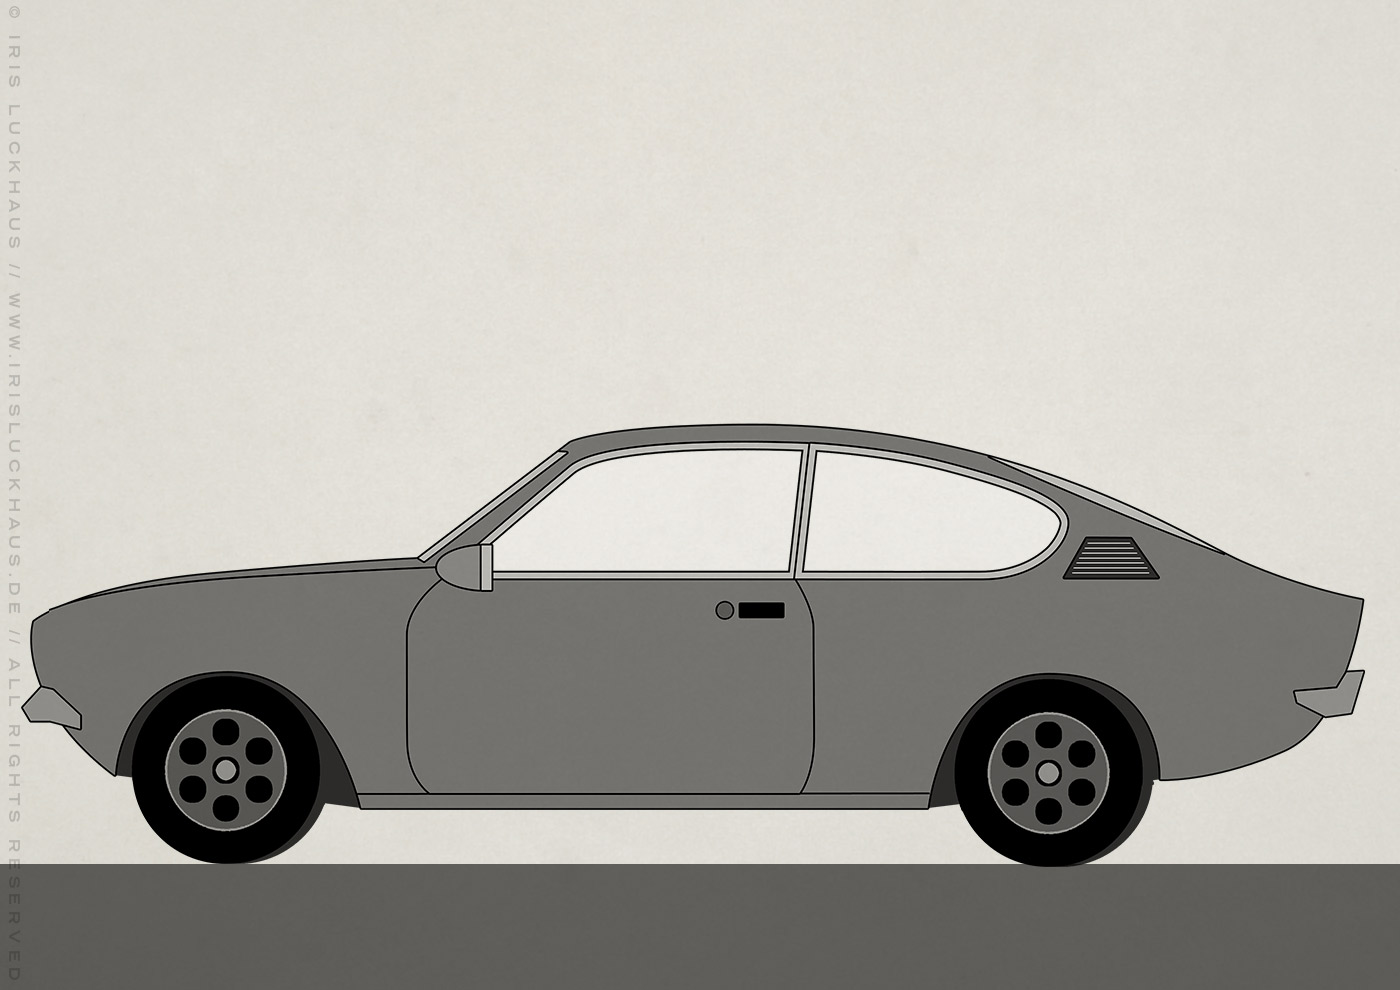 Kleine Schwarzweiss Zeichnung von einem Opel Kadett Auto für Erklärvideo zum Selbermachen von Scribblepower